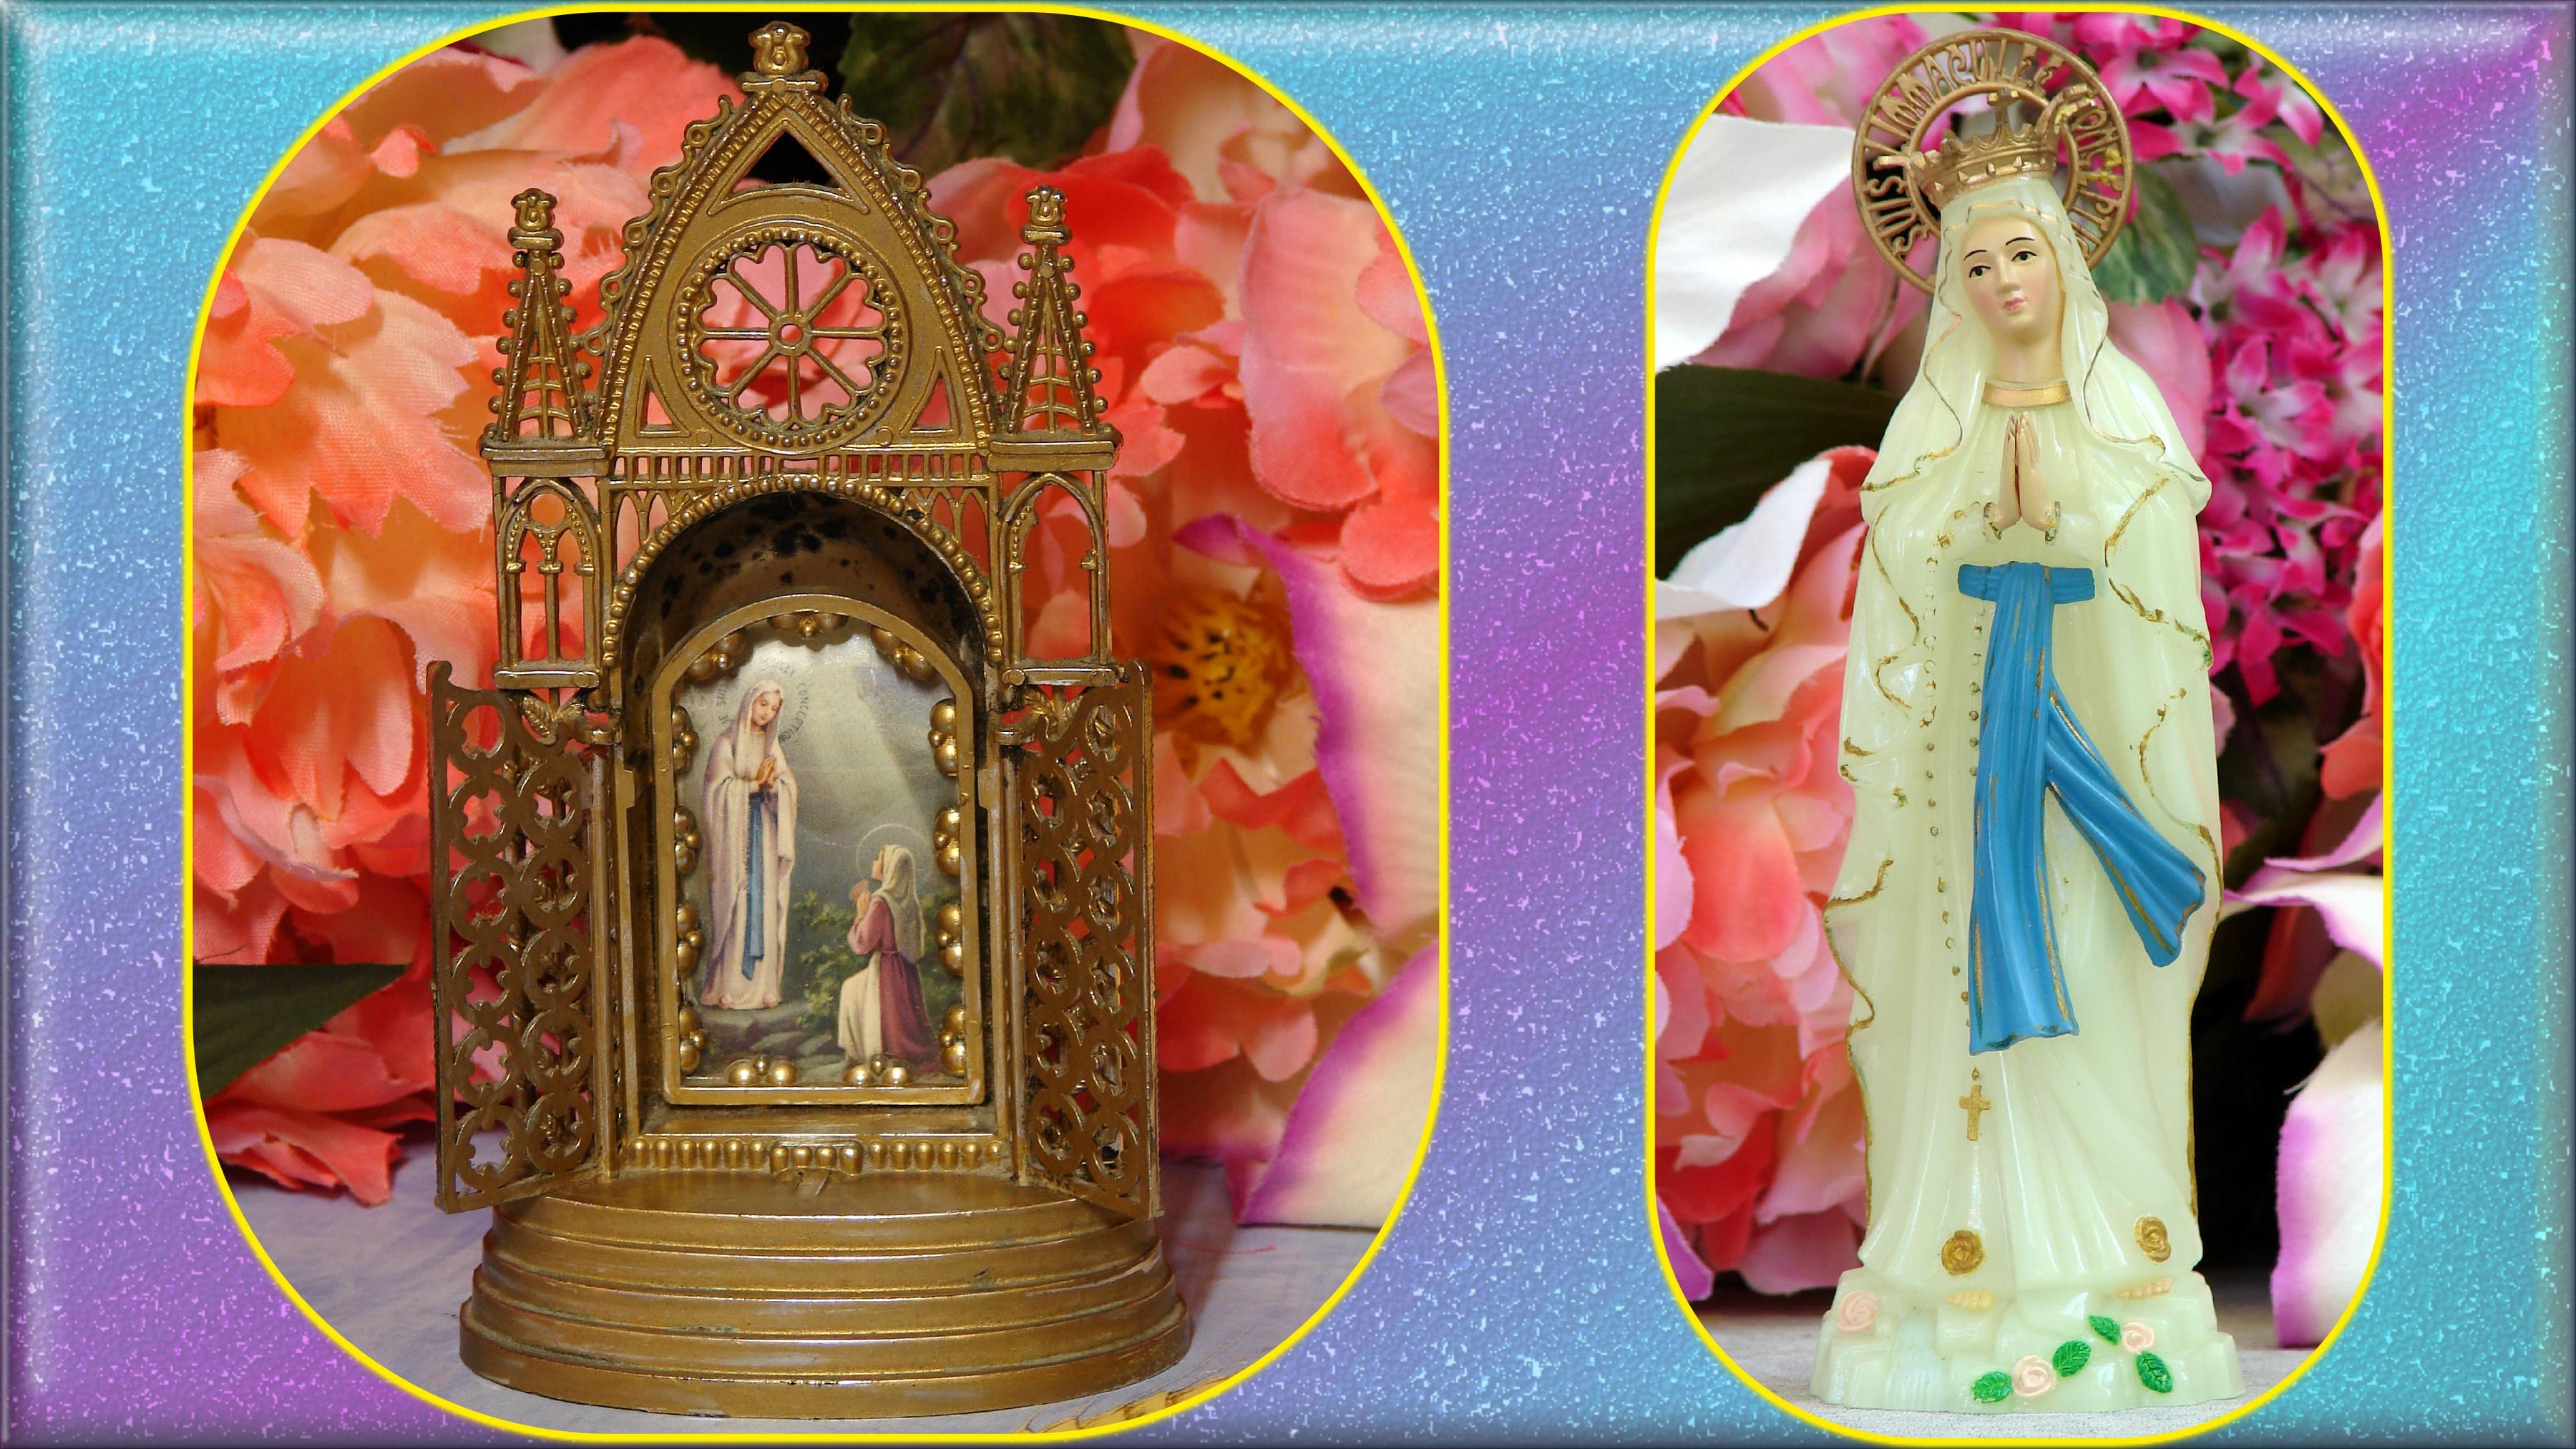 CALENDRIER CATHOLIQUE 2020 (Cantiques, Prières & Images) - Page 4 Souvenirs-de-lourdes-57030fb